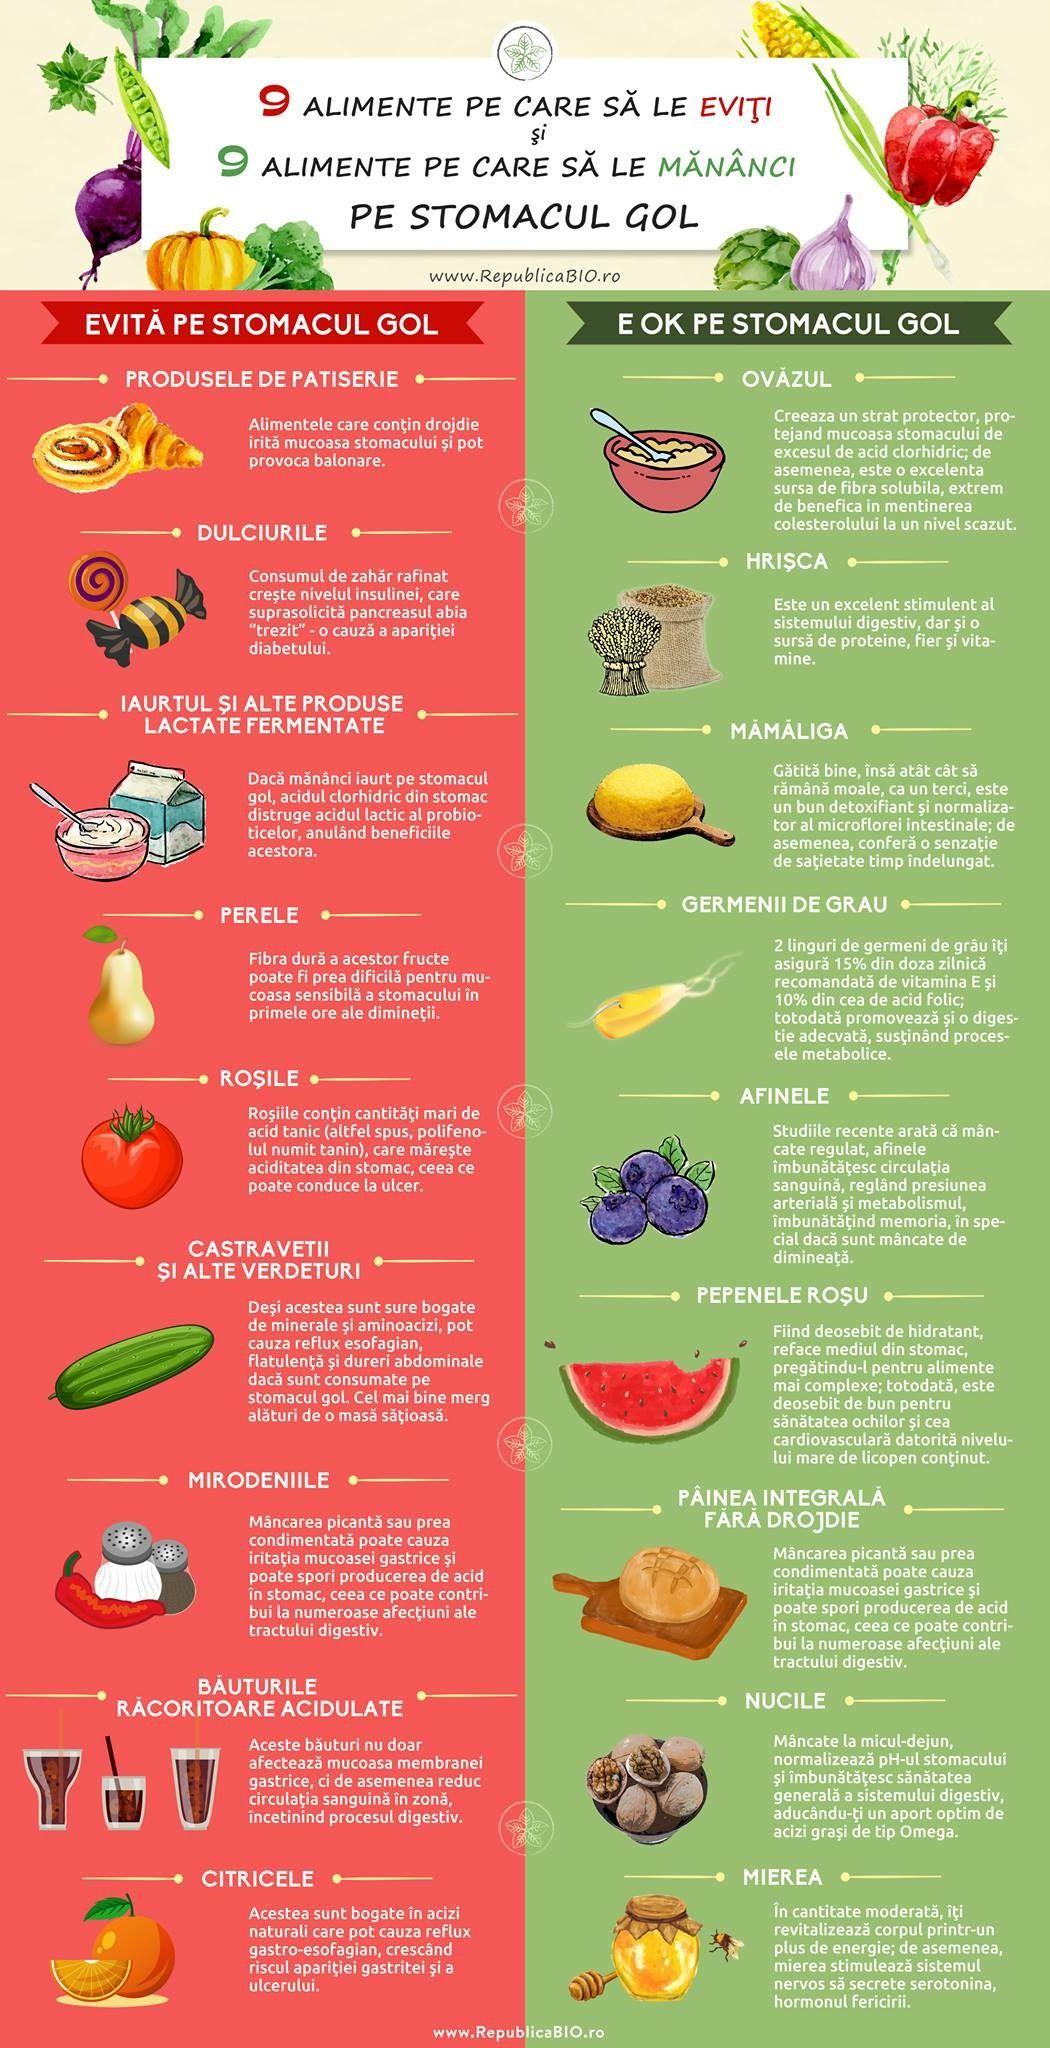 cum să crească metabolismul pentru pierderea în greutate